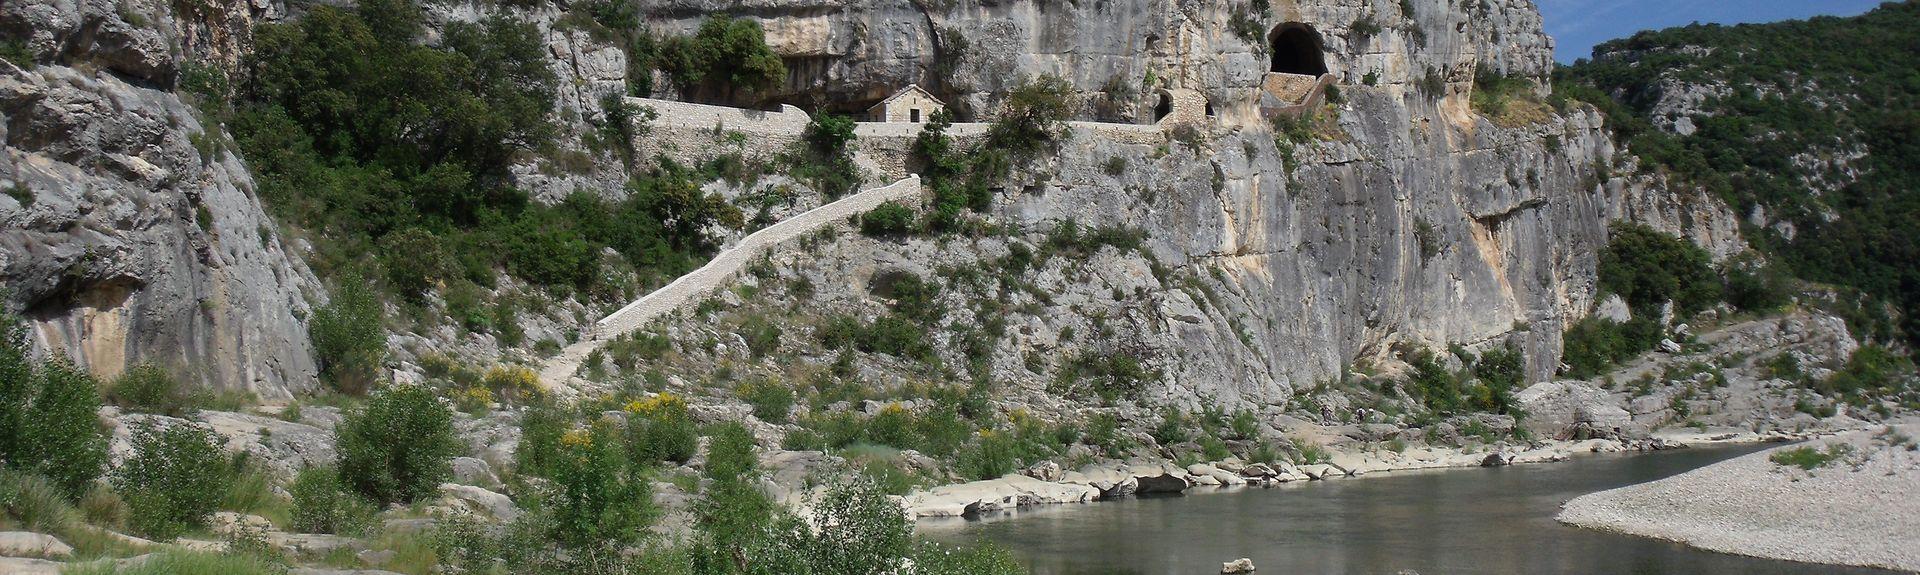 Saze, Gard, France